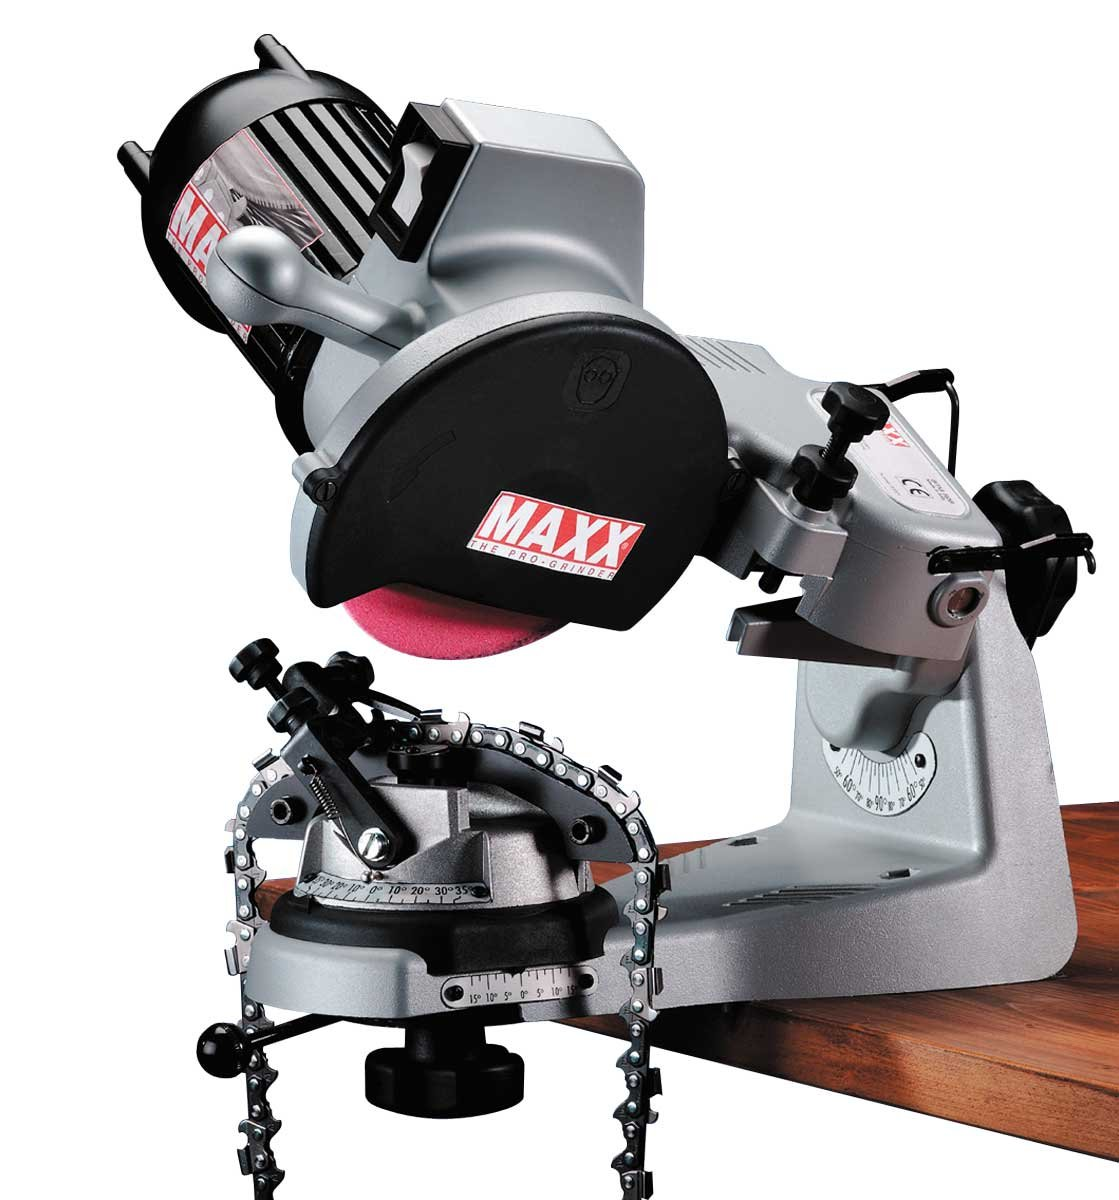 Ama 13150Maxx Elektrische Schleifmaschine, 200W